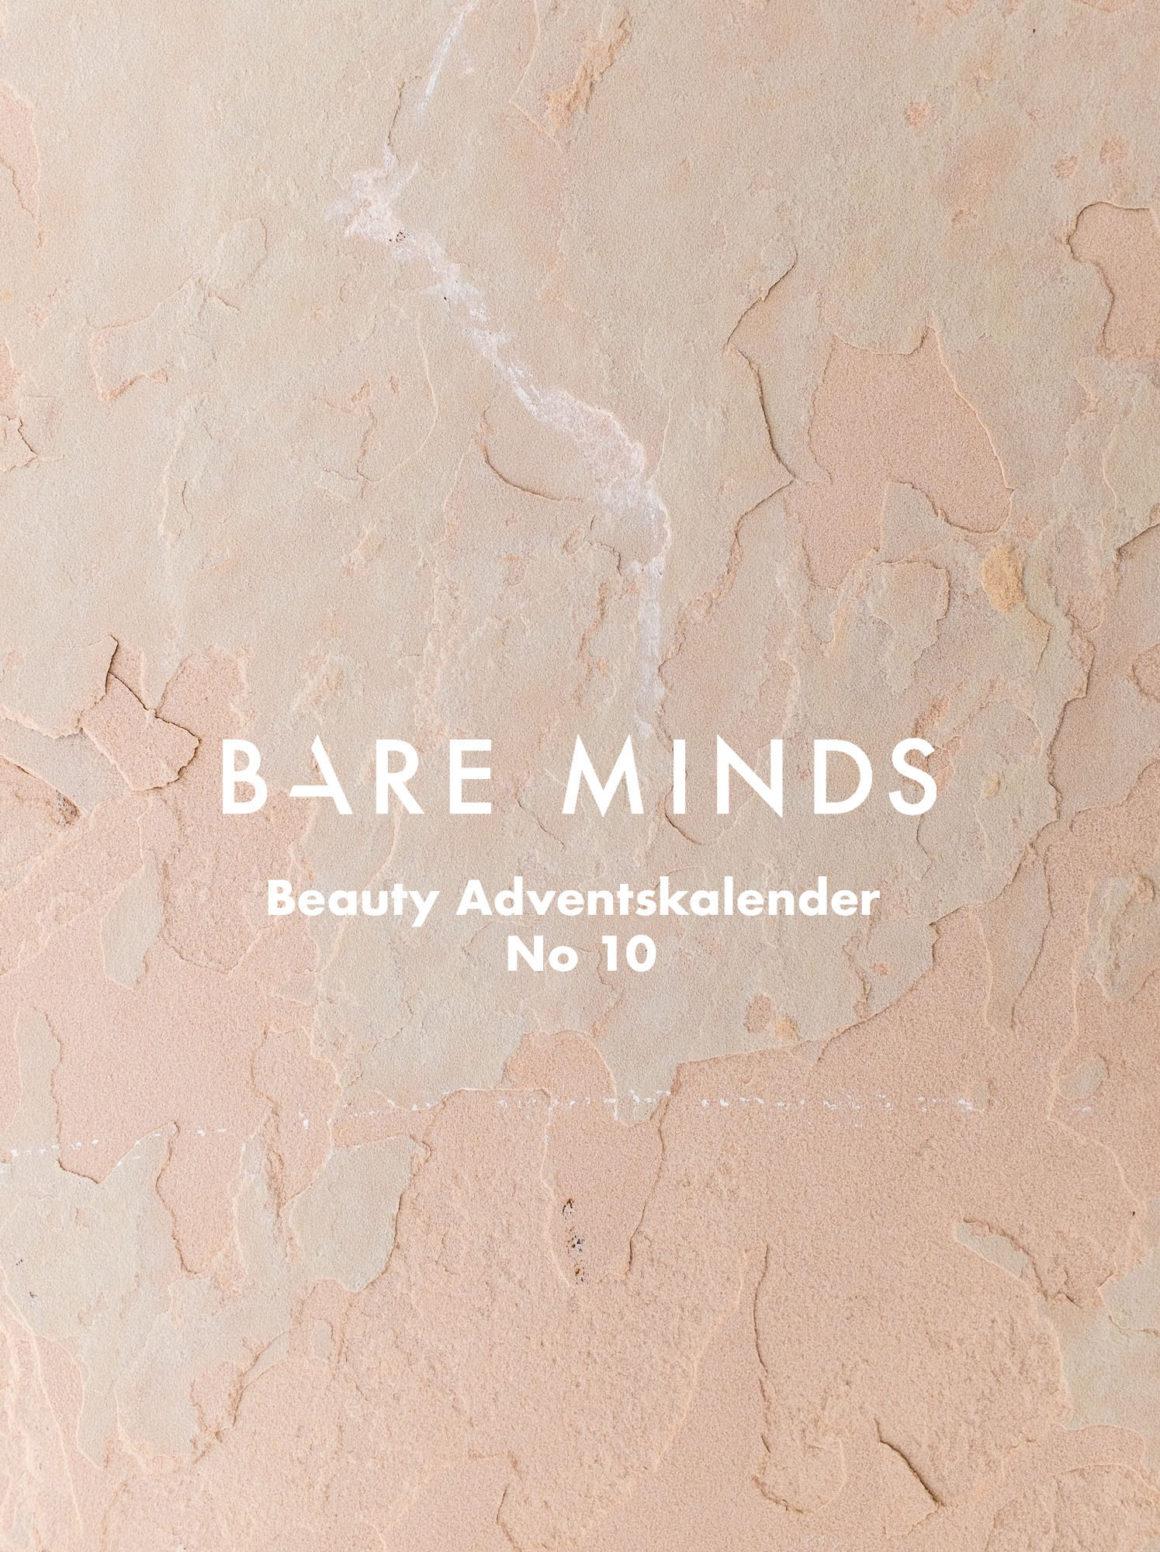 Bare Minds Beauty Adventskalender 2019 10_